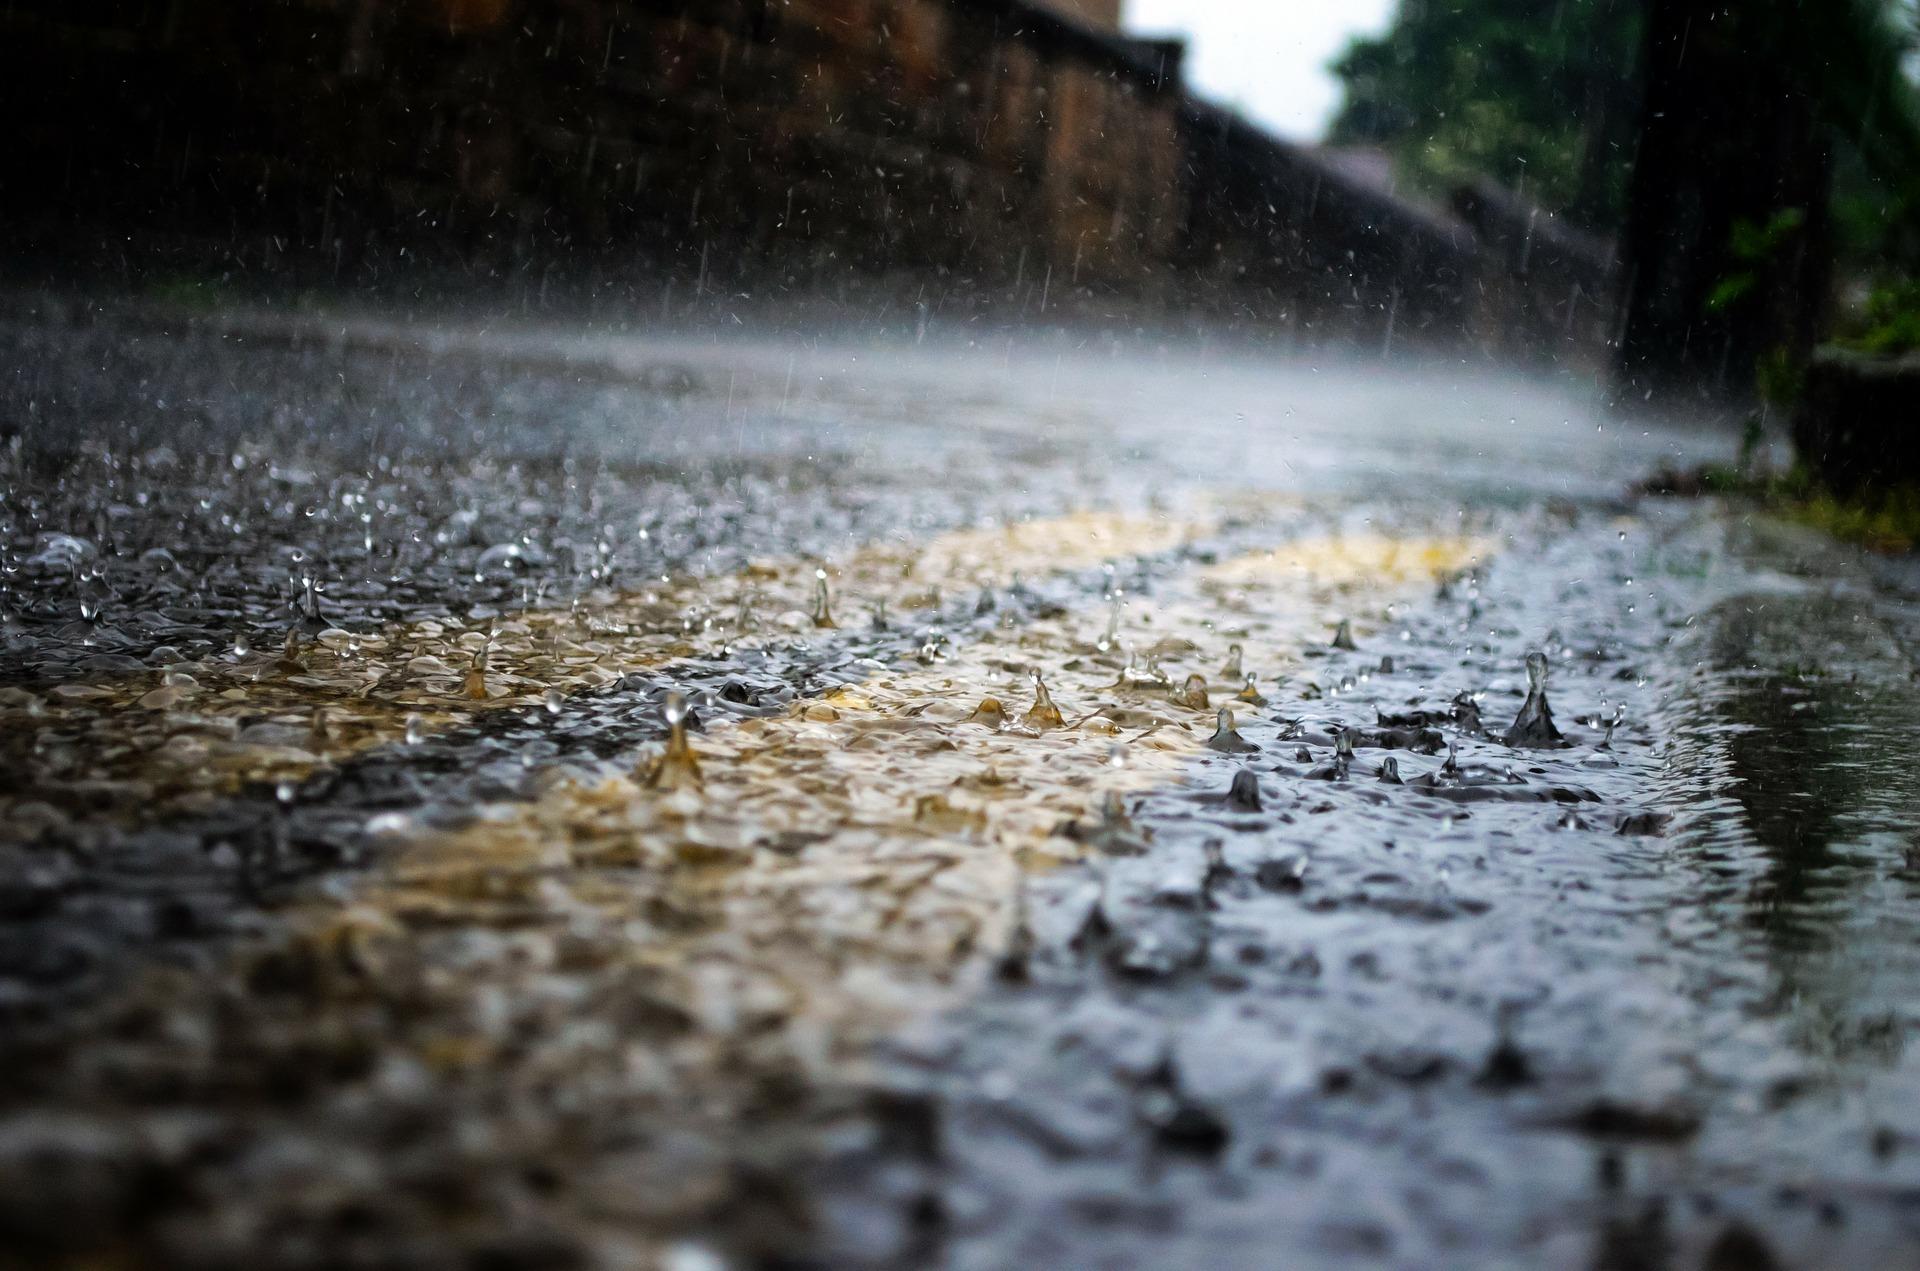 Wat te doen bij waterschade door regen?